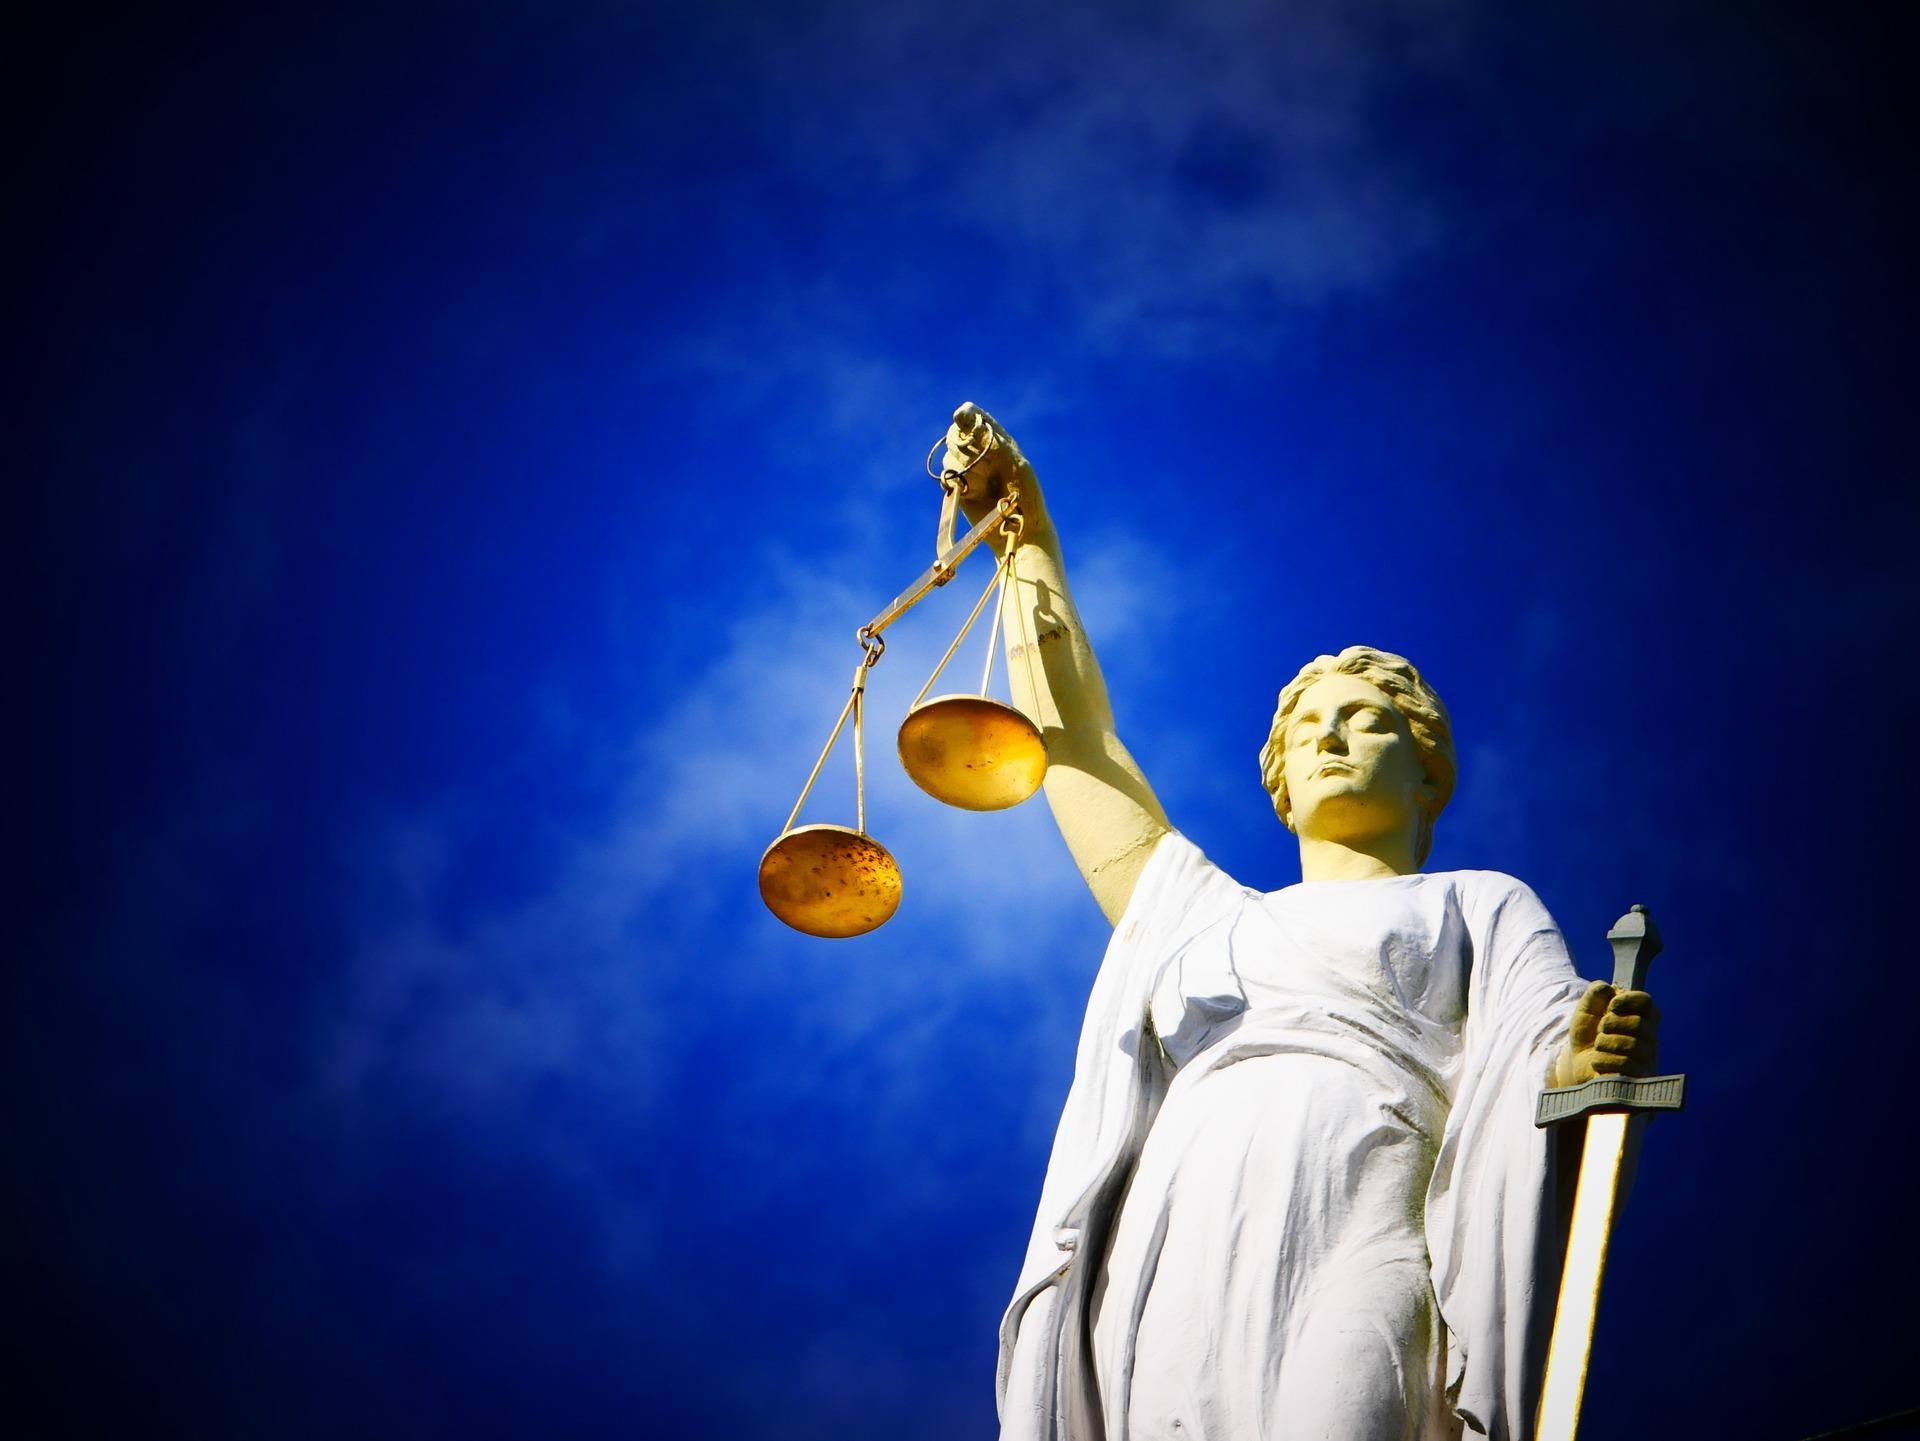 Verdachte (35) van verkrachting voelt zich bedreigd en durft de rechtszaal niet in. Daar werd twee jaar cel tegen hem geëist